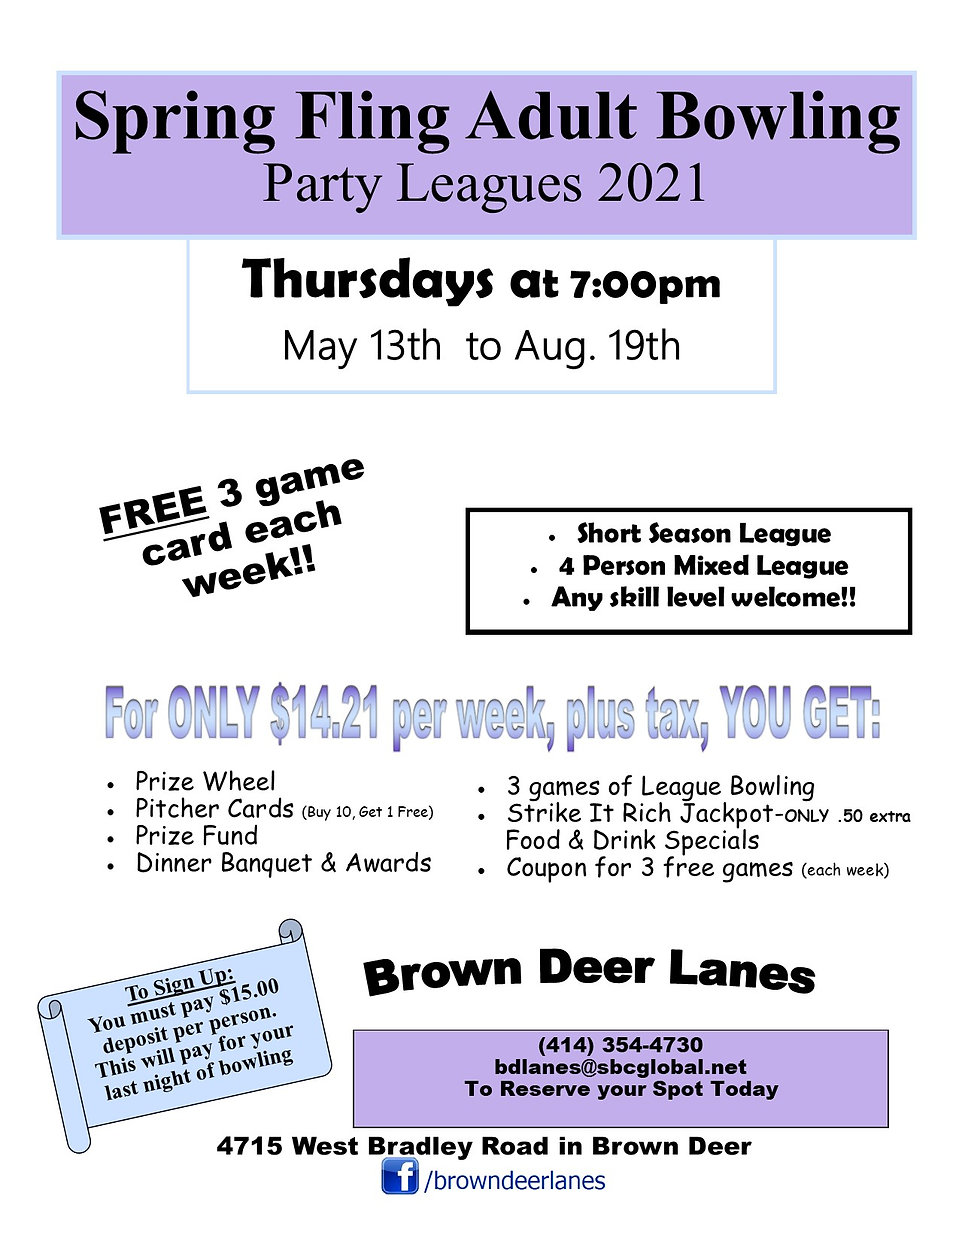 Party League Summer thursday 2021.jpg